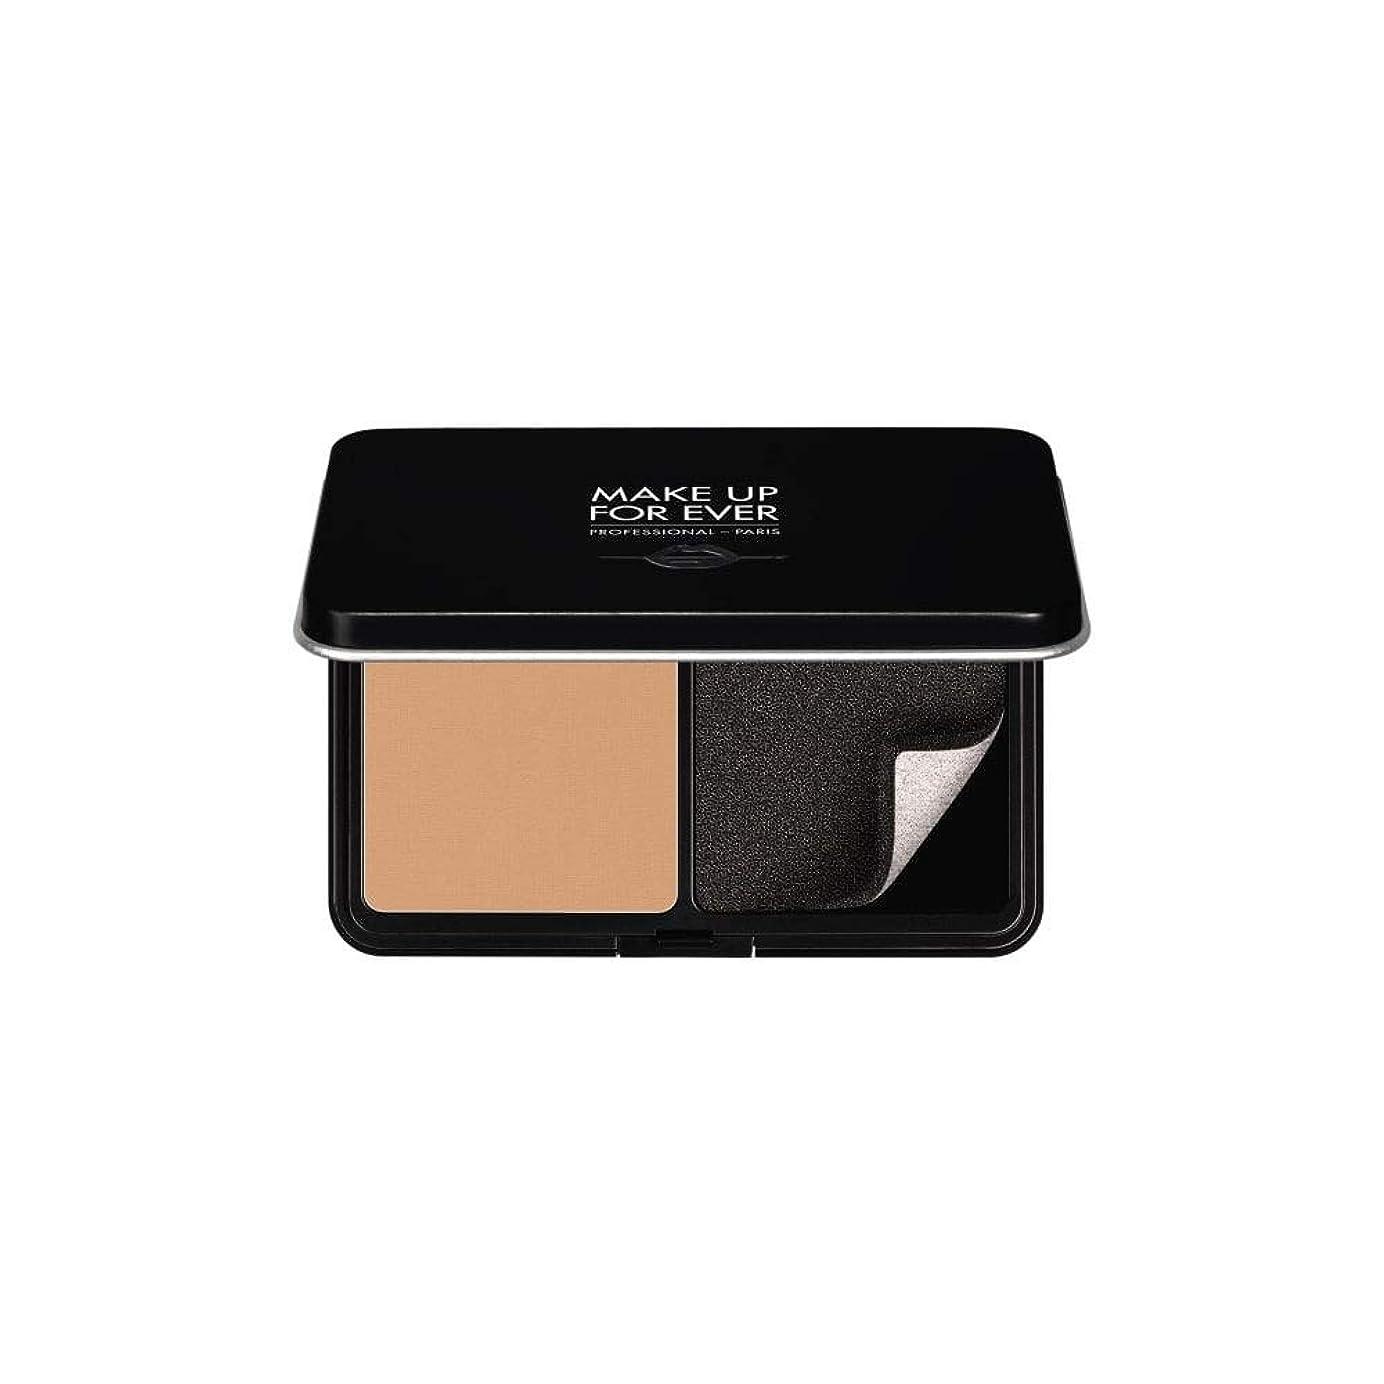 気候定刻動物メイクアップフォーエバー Matte Velvet Skin Blurring Powder Foundation - # Y345 (Natural Beige) 11g/0.38oz並行輸入品